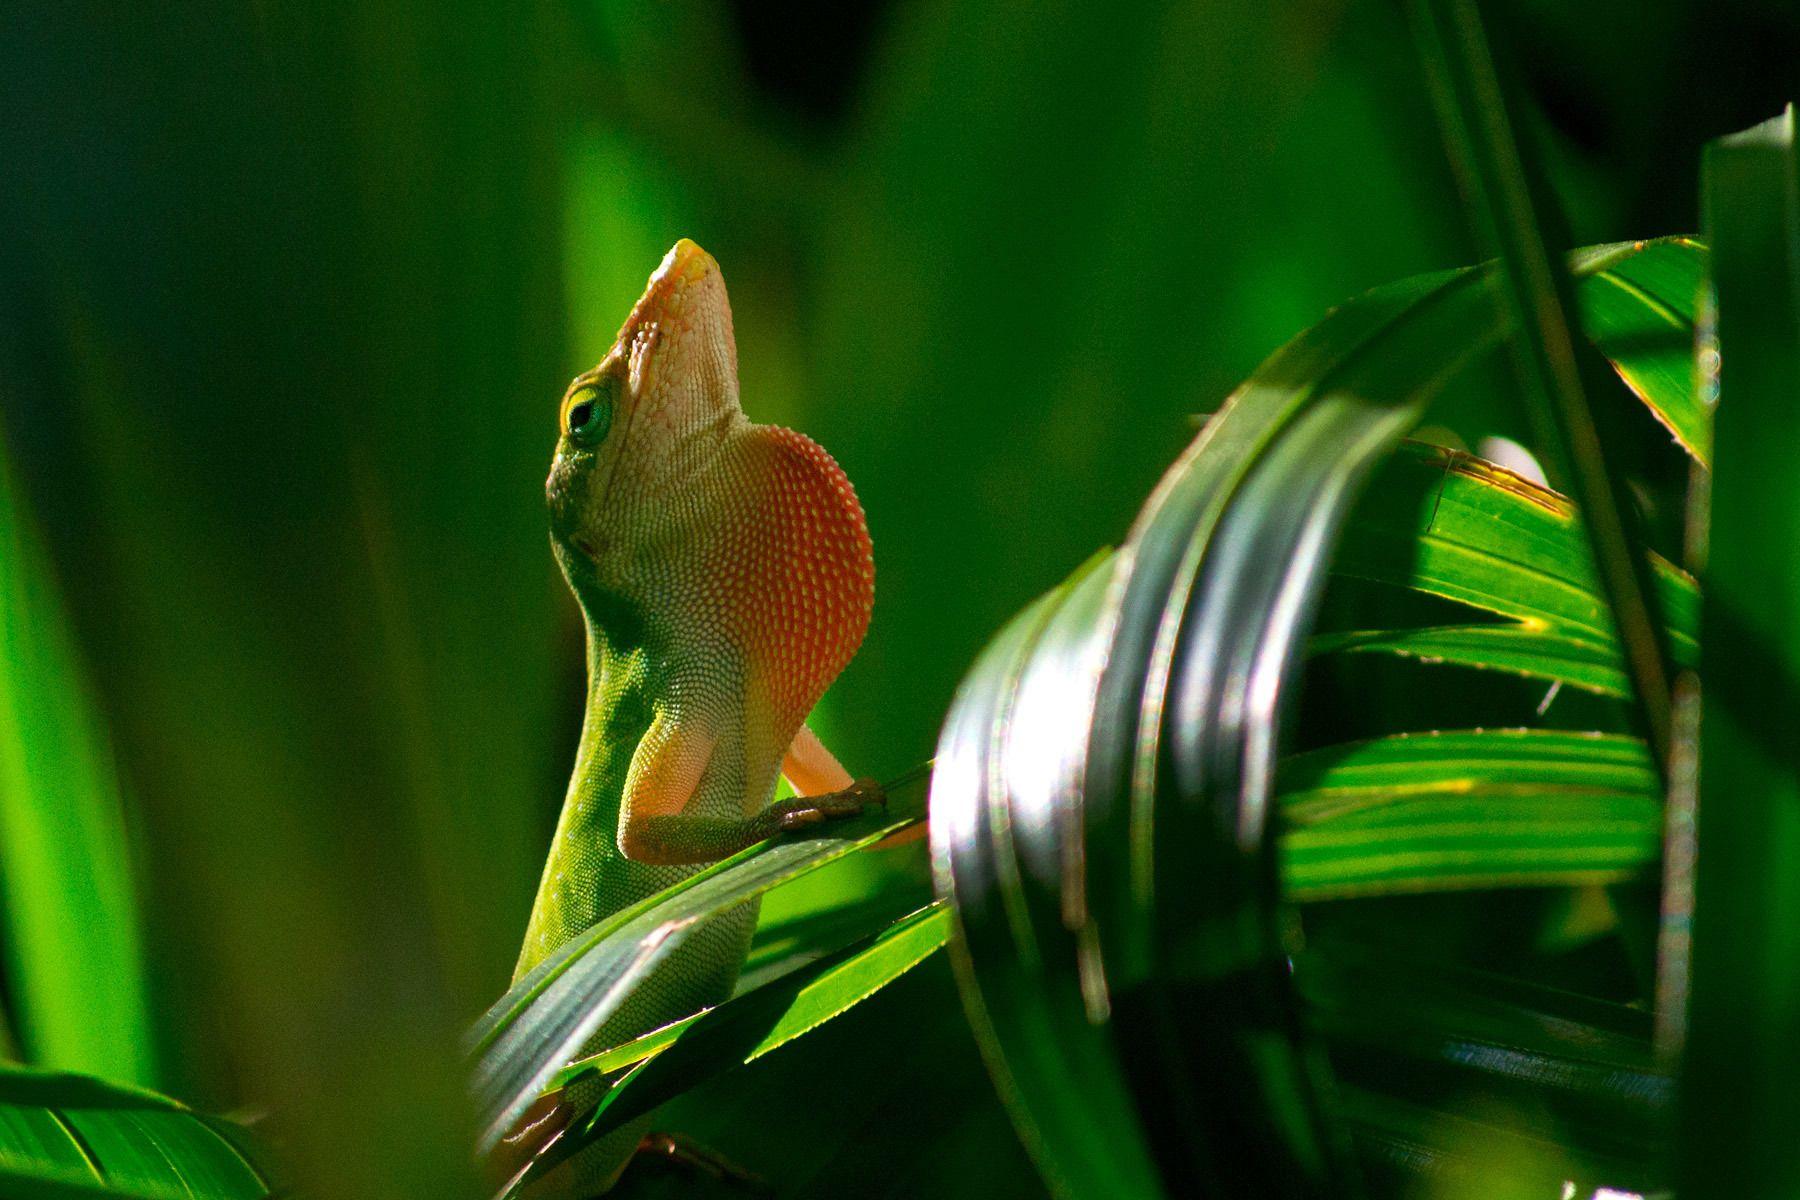 1green_anole_lizard.jpg